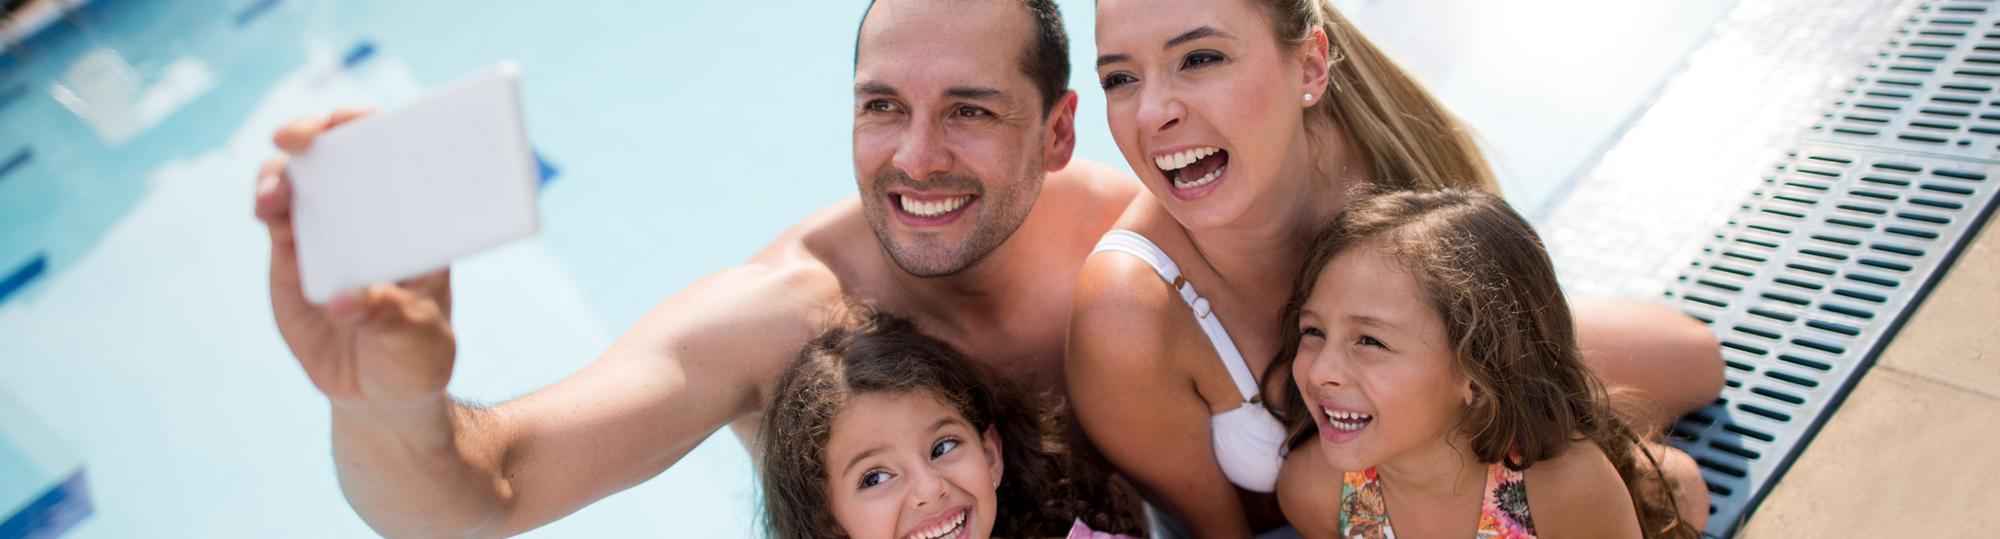 comfort inn deal hero family at pool